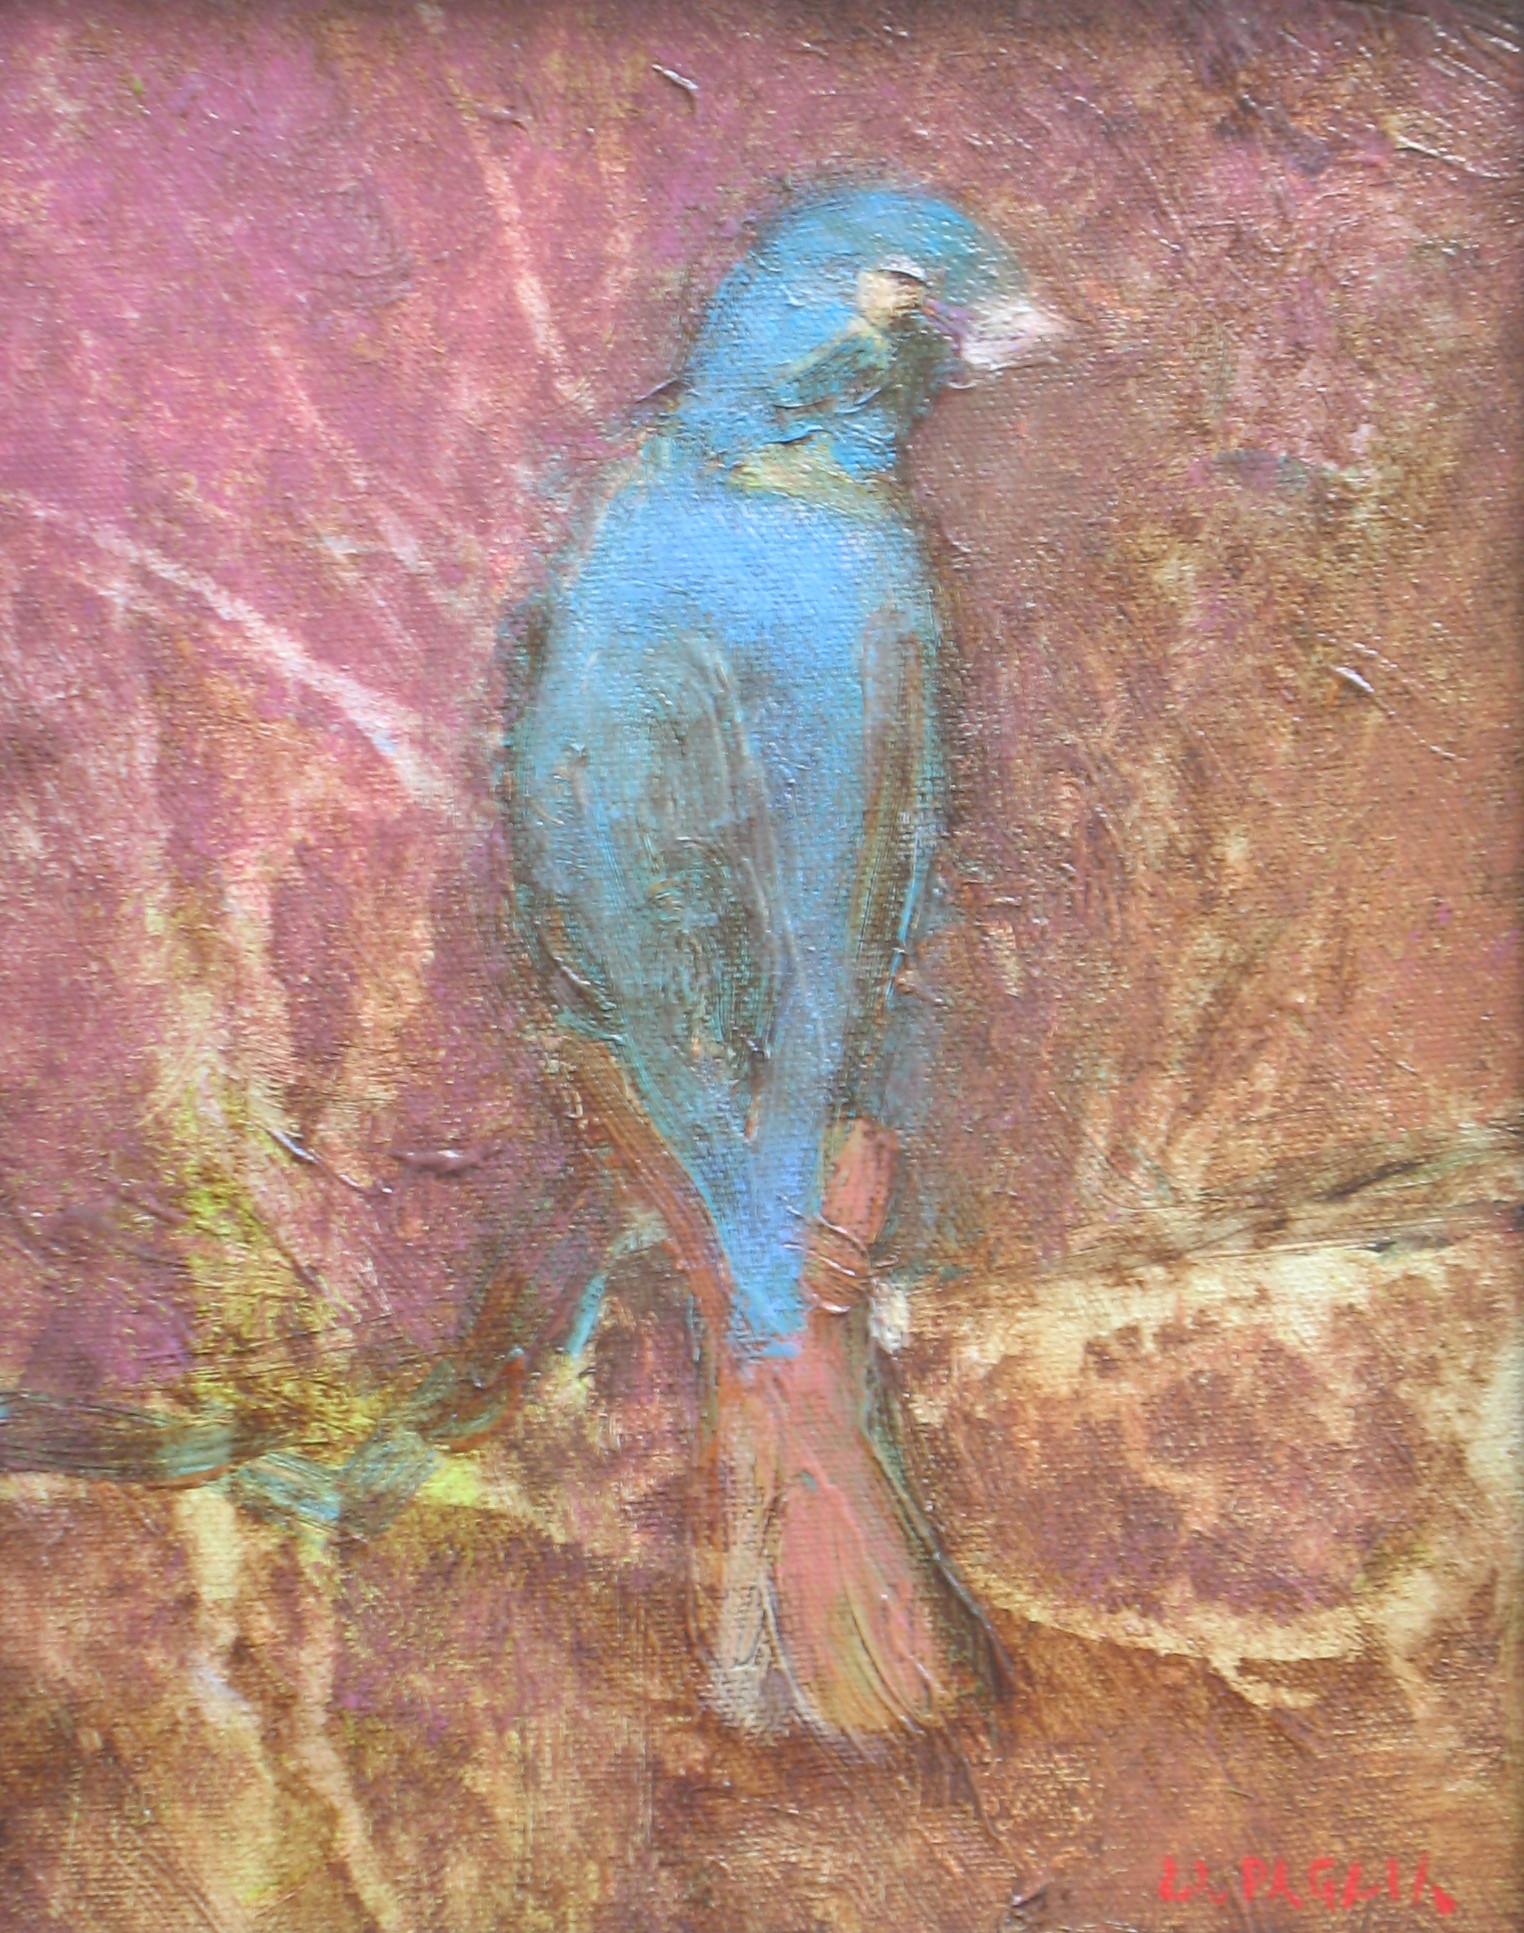 Mr. Birdbird